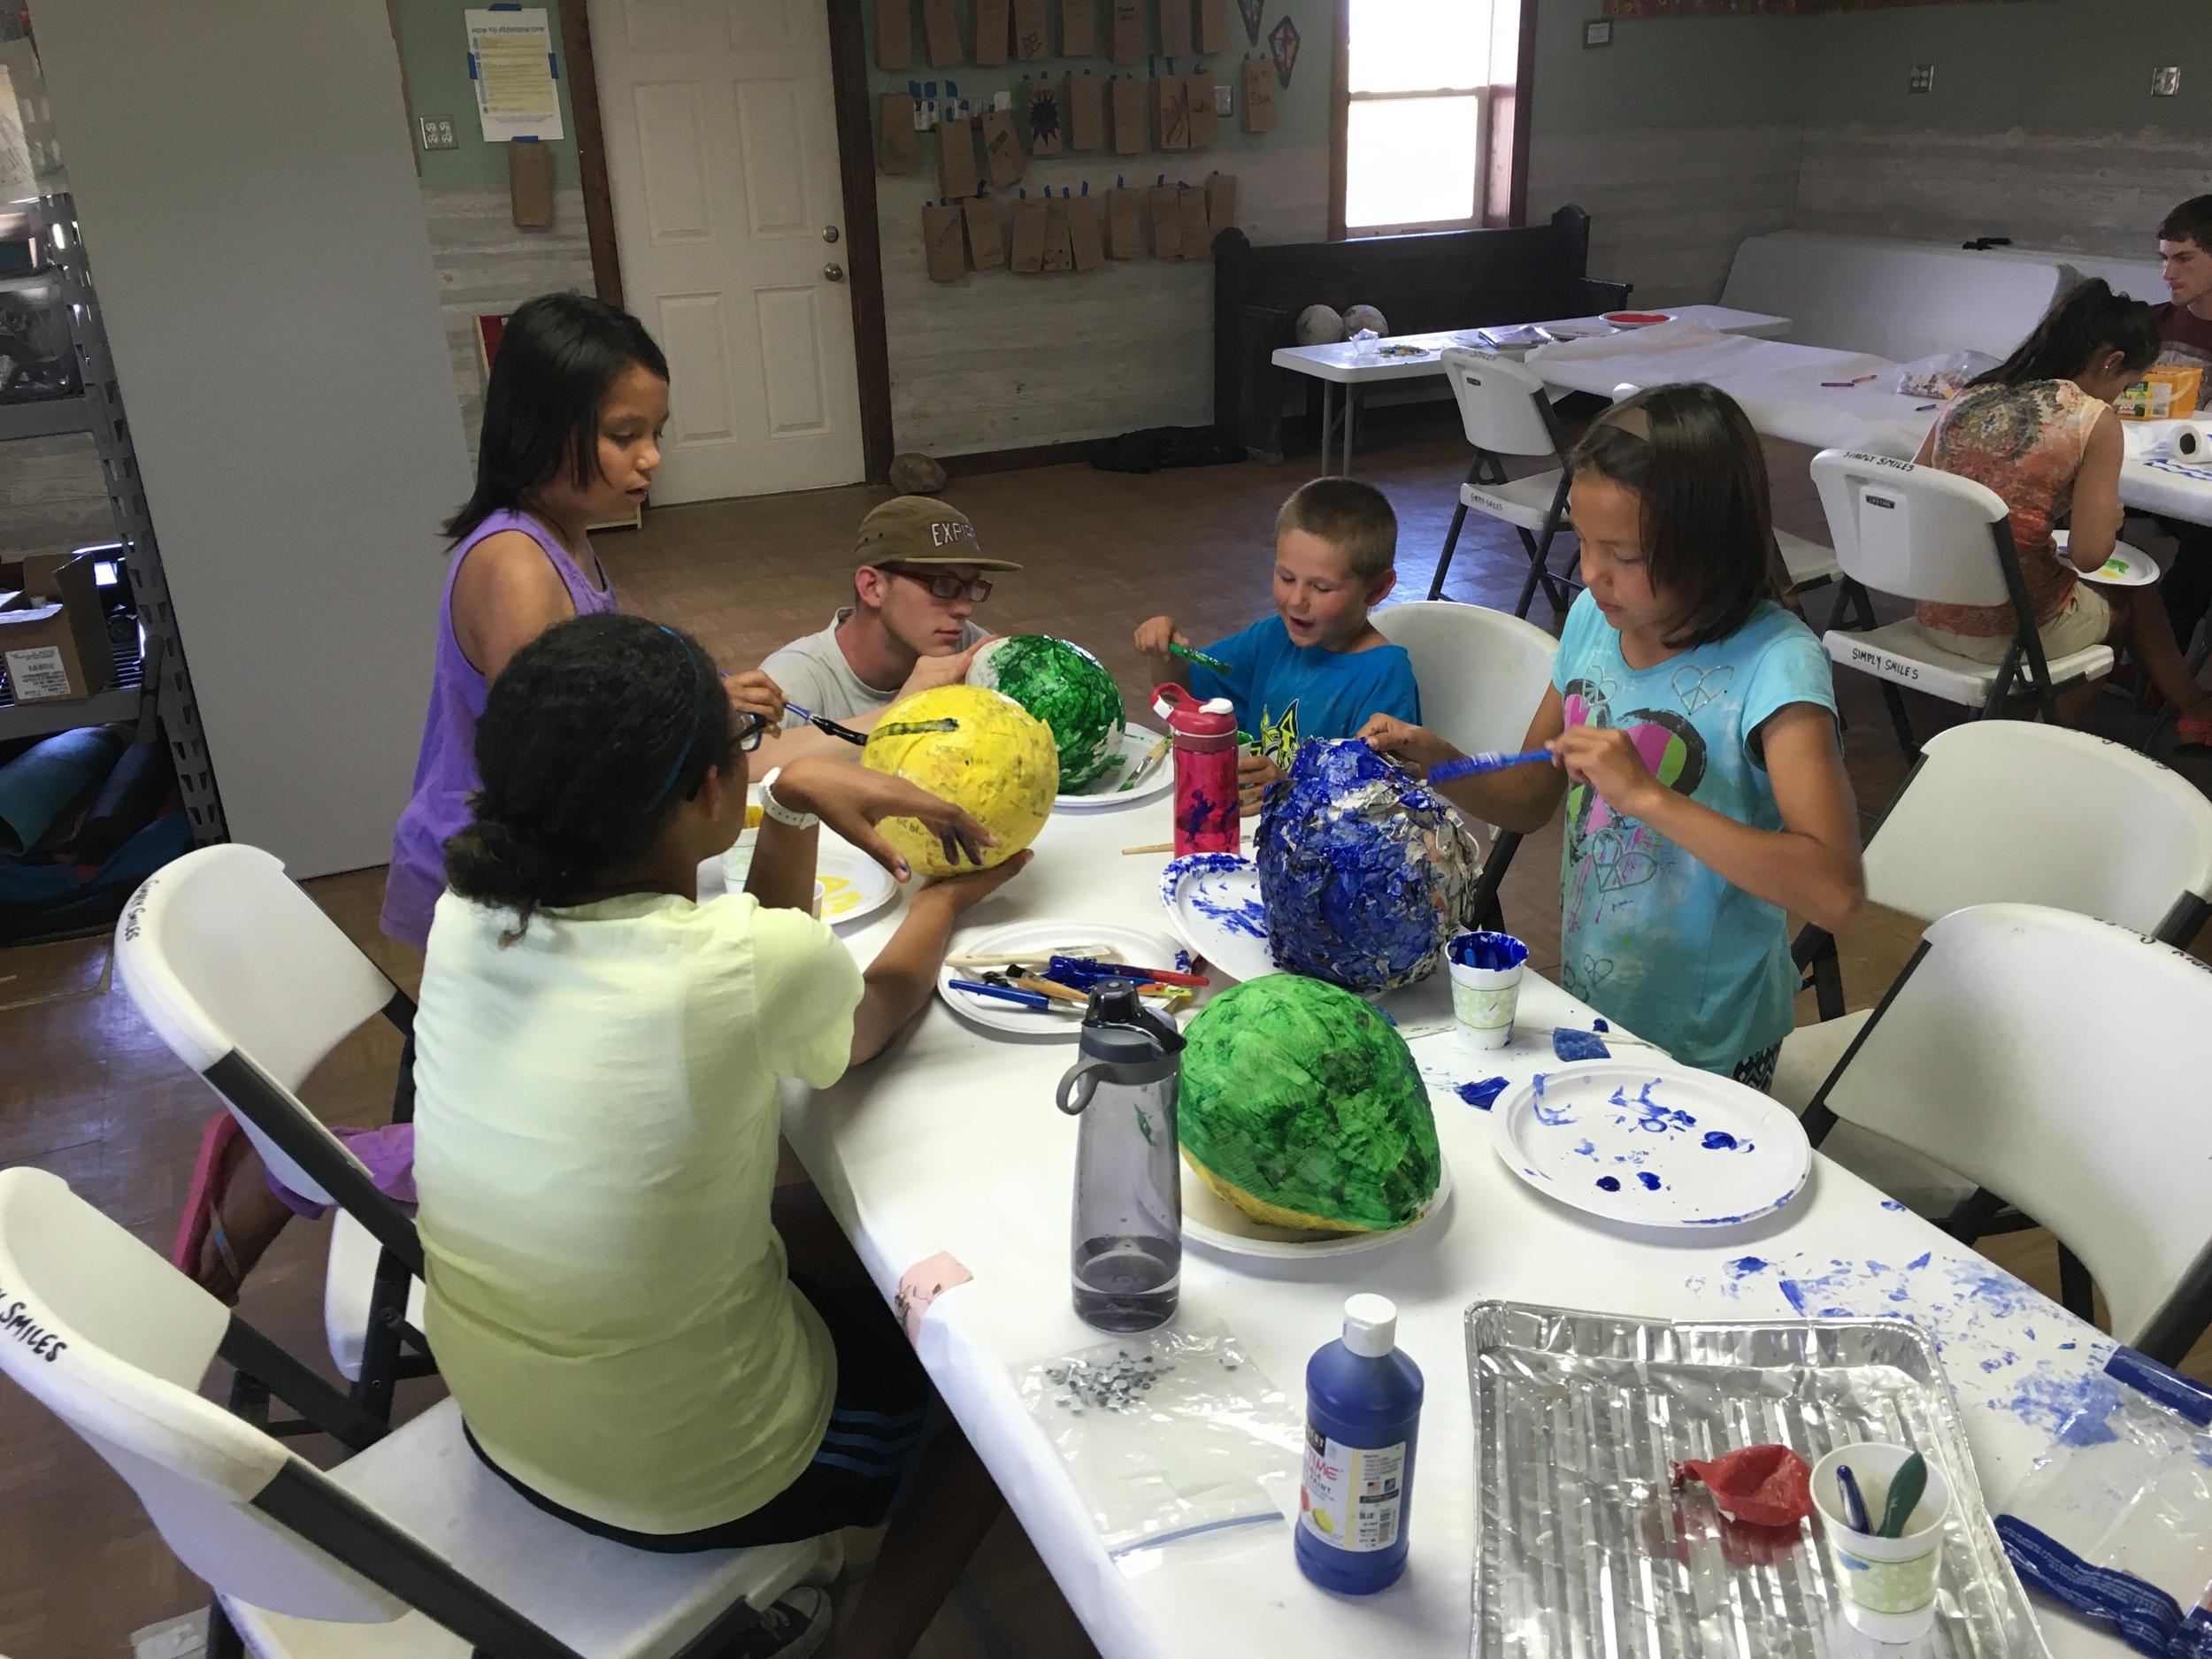 Personal piñata making at camp!